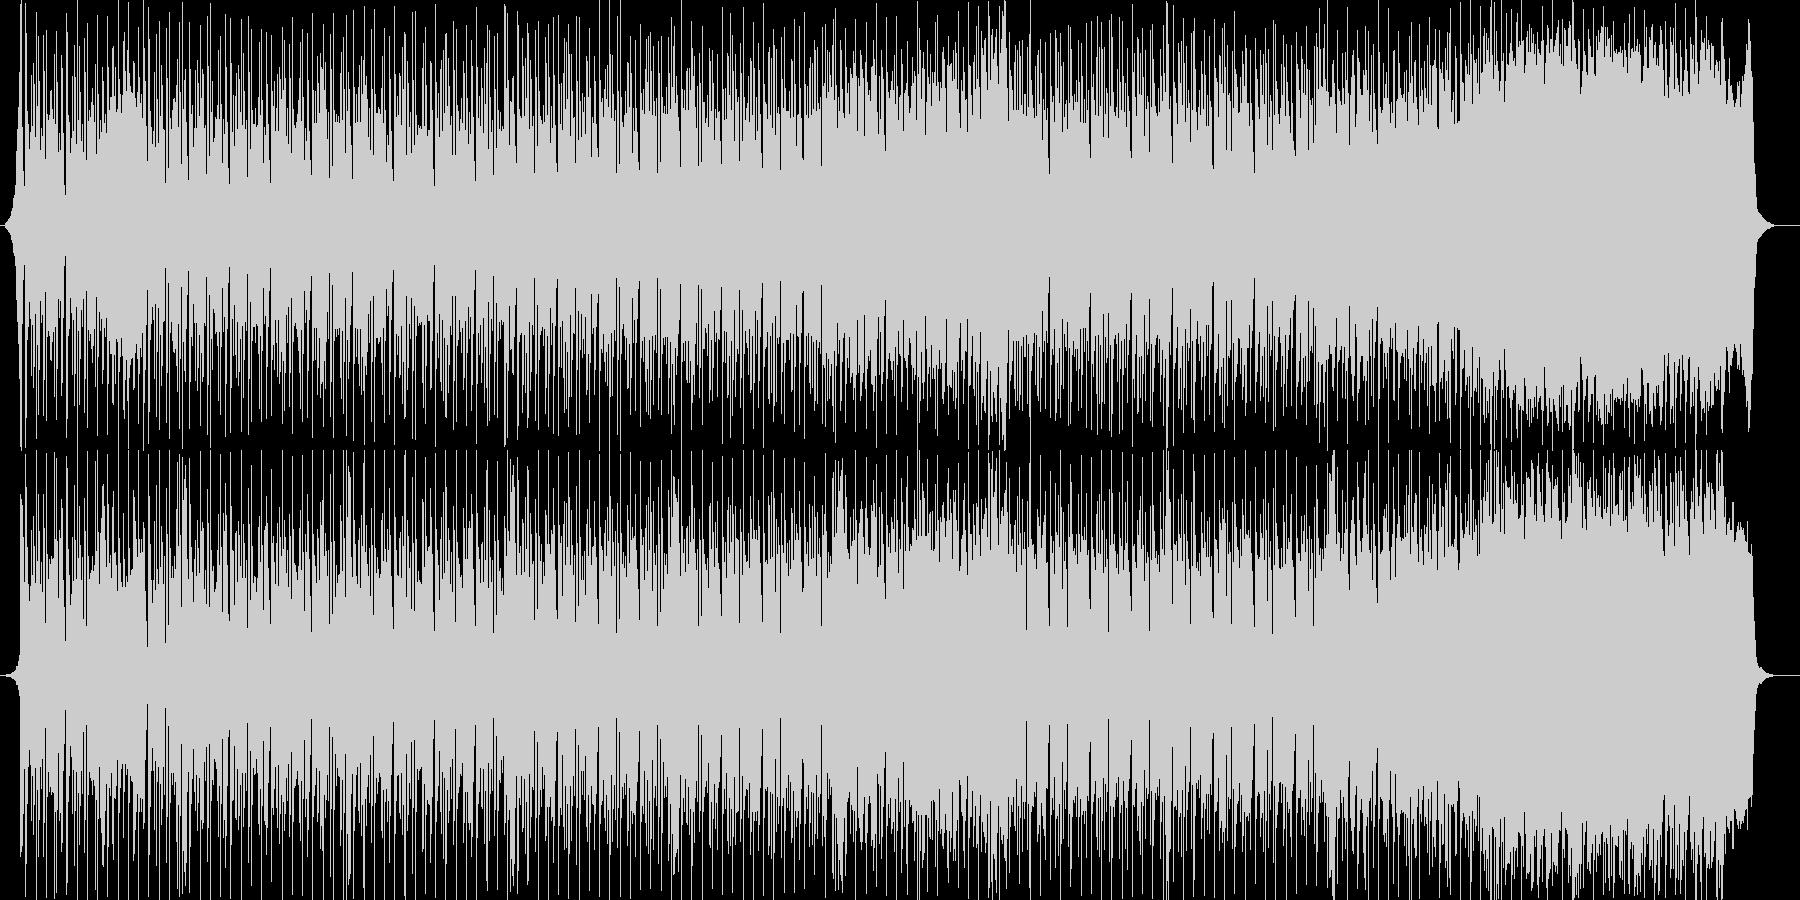 シンセサイザーの懐かしいポップな曲の未再生の波形